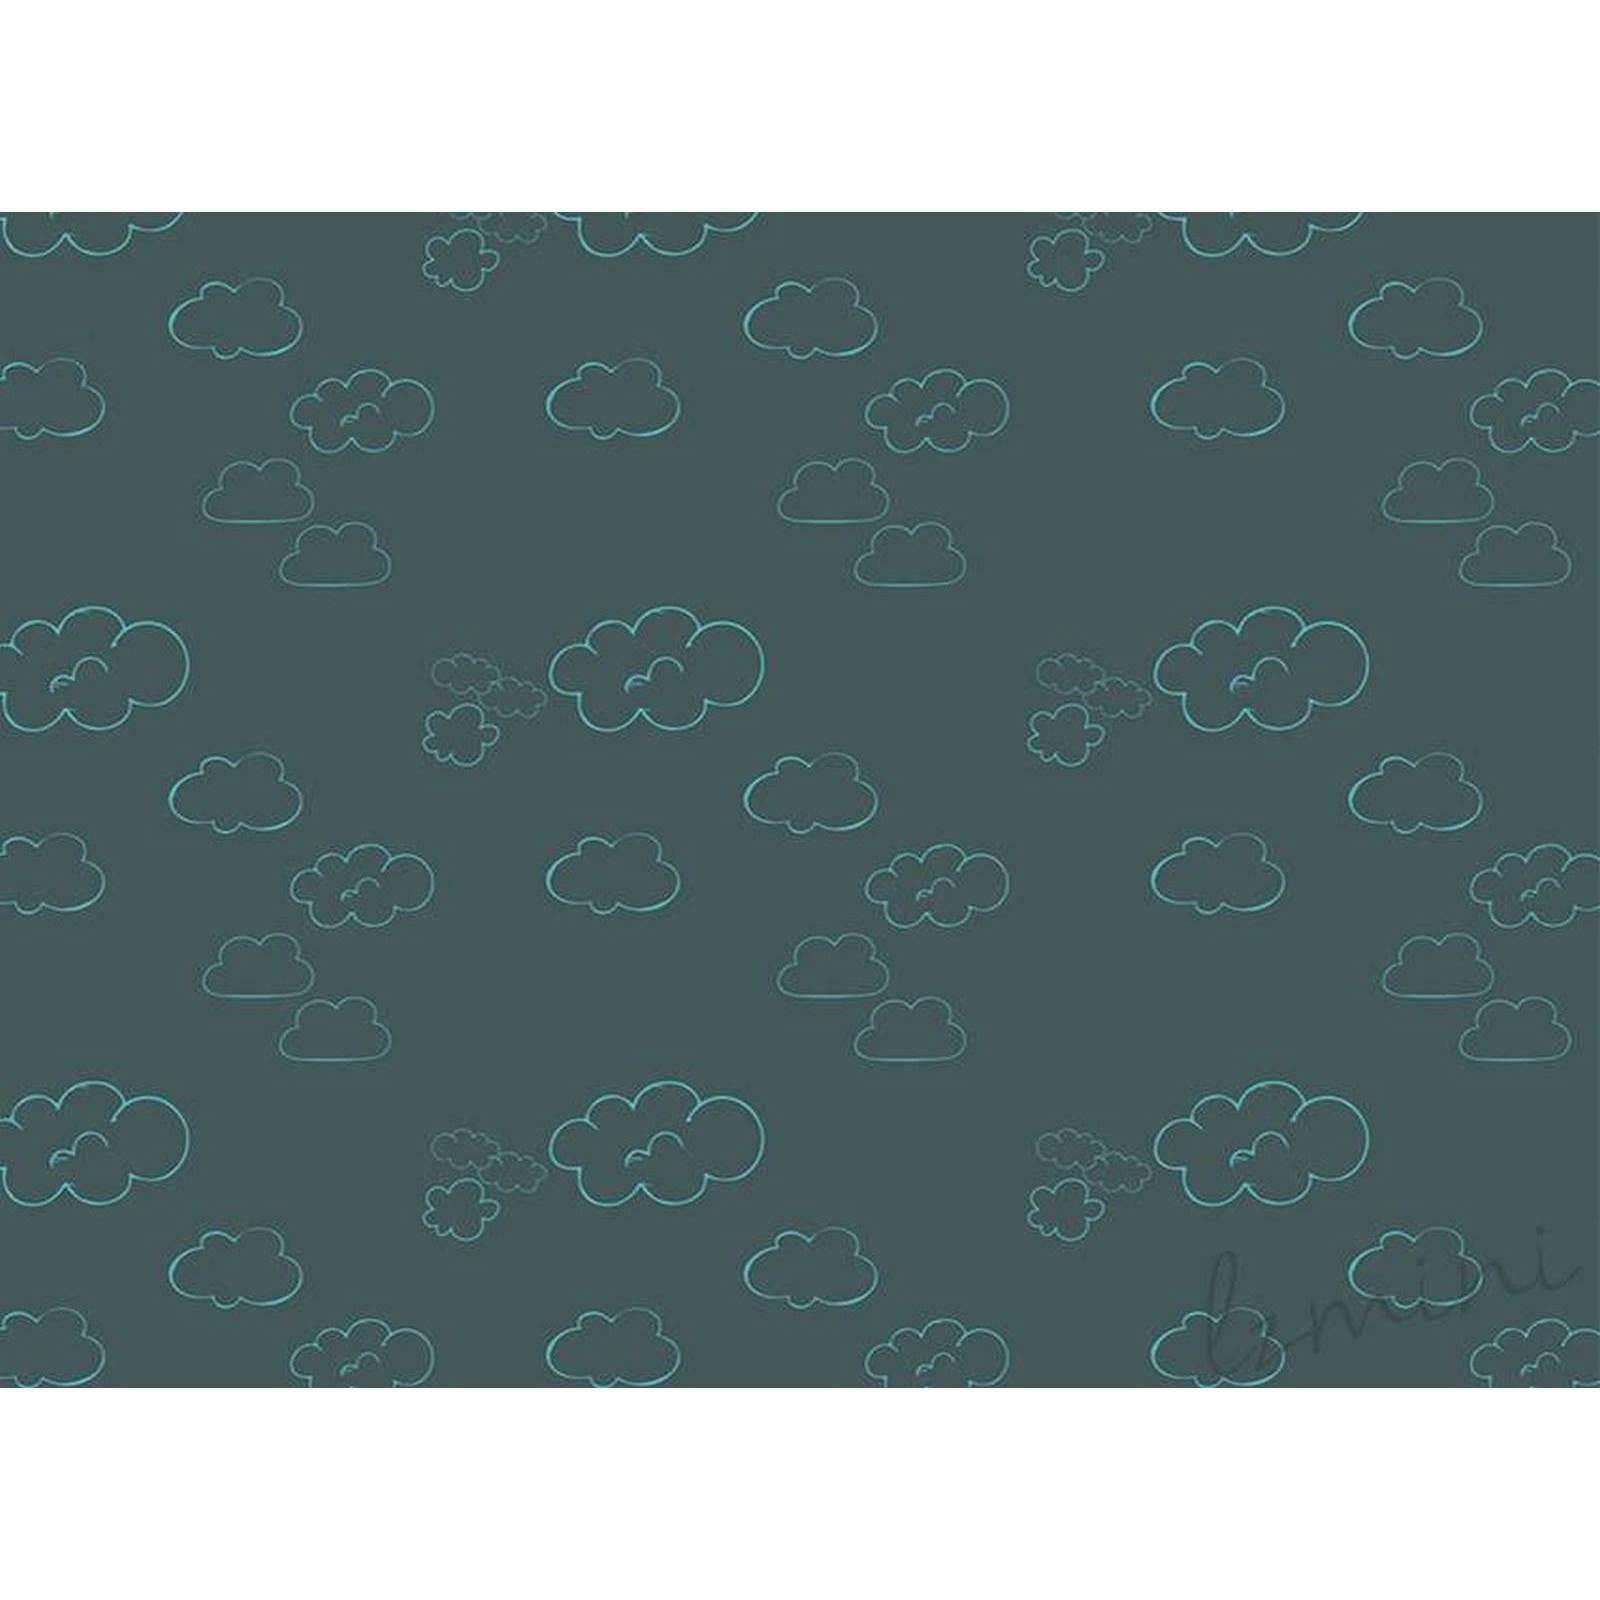 Papel de Parede Cloud H=2,50 CINZA ESCURO Vinil Adesivo